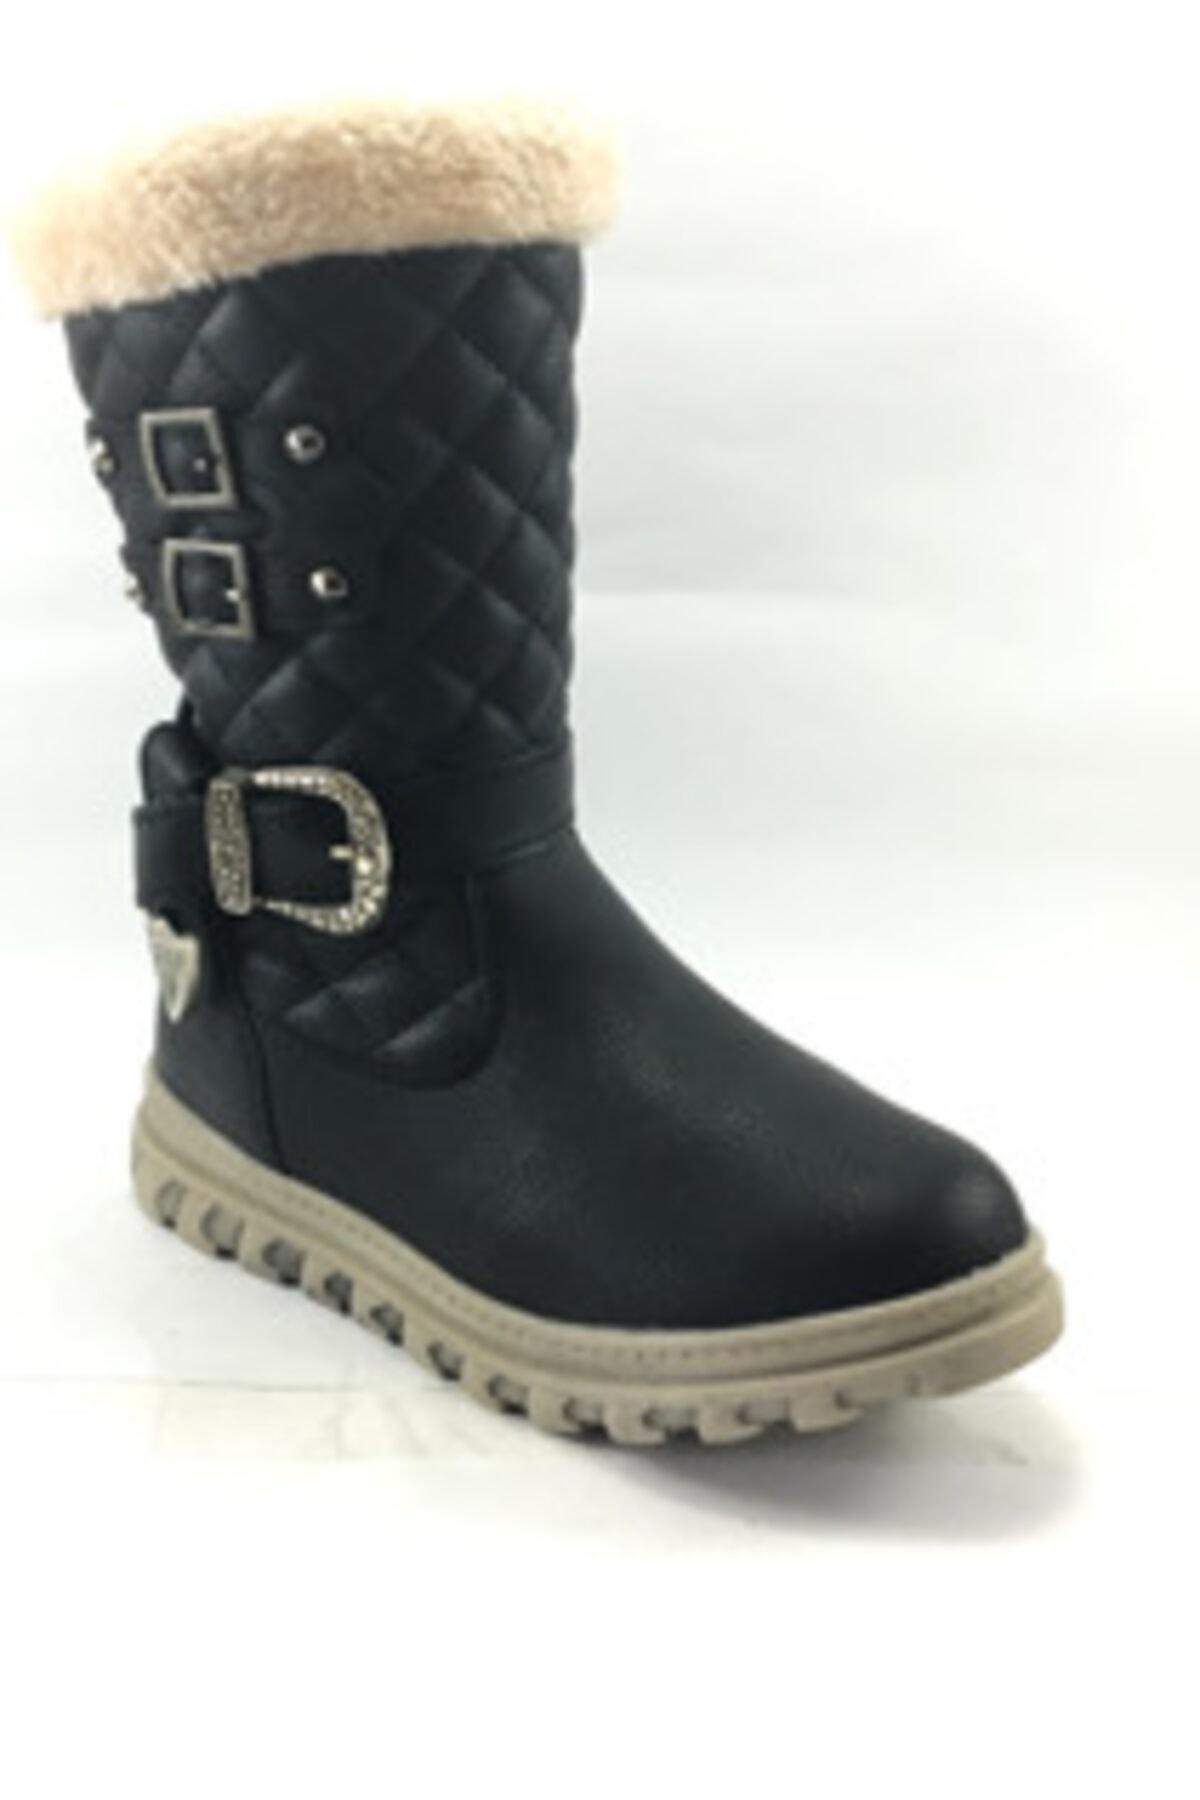 Twingo Kız Çocuk Içi Kürklü Siyah Bot Ayakkabı 2